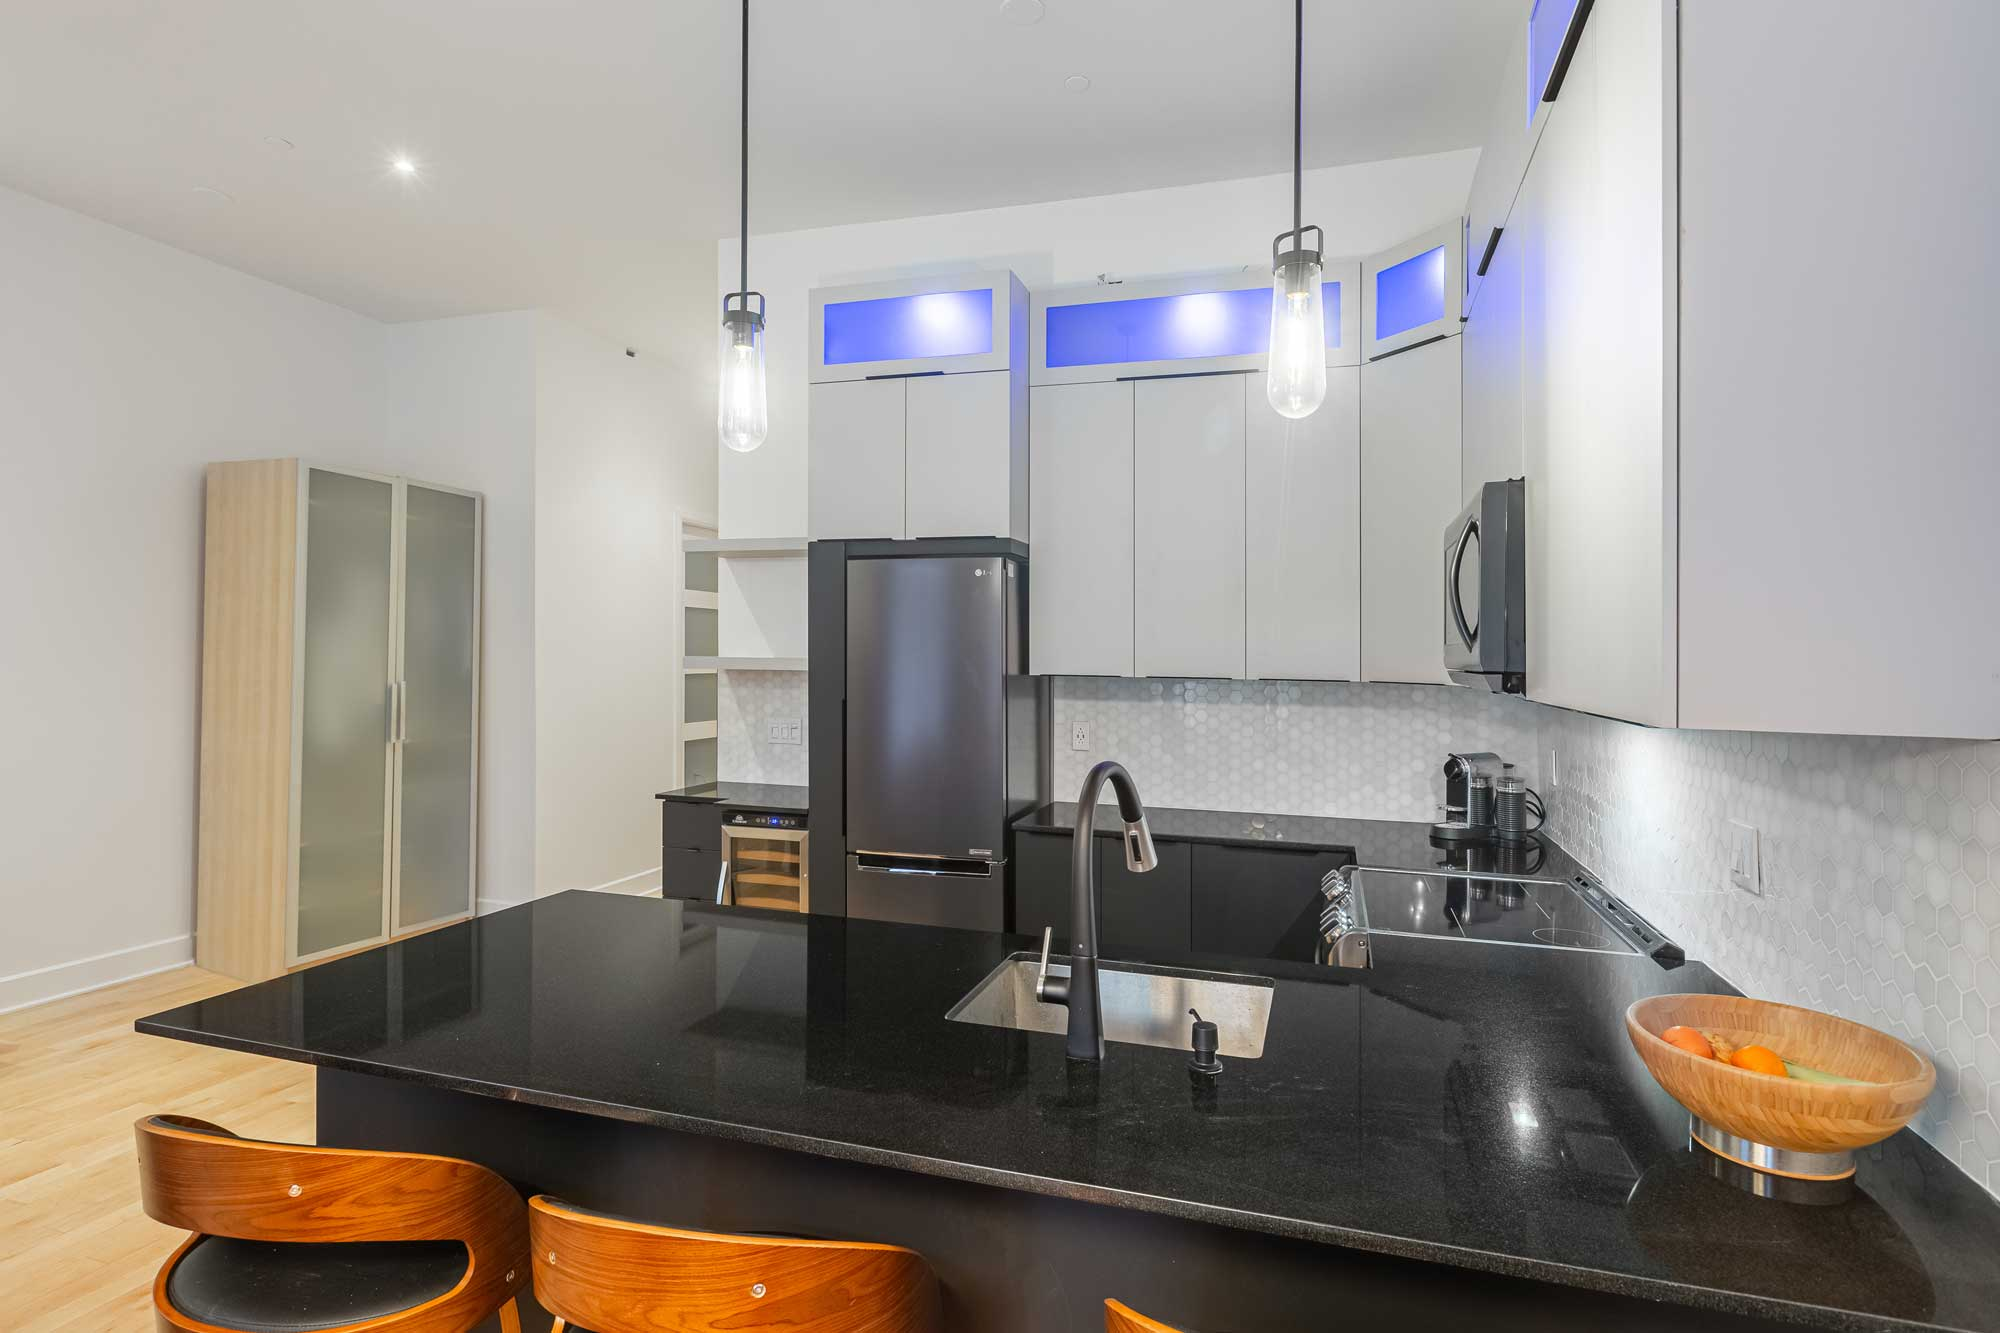 rénovation d'une cuisine moderne deux tons avec comptoir noir